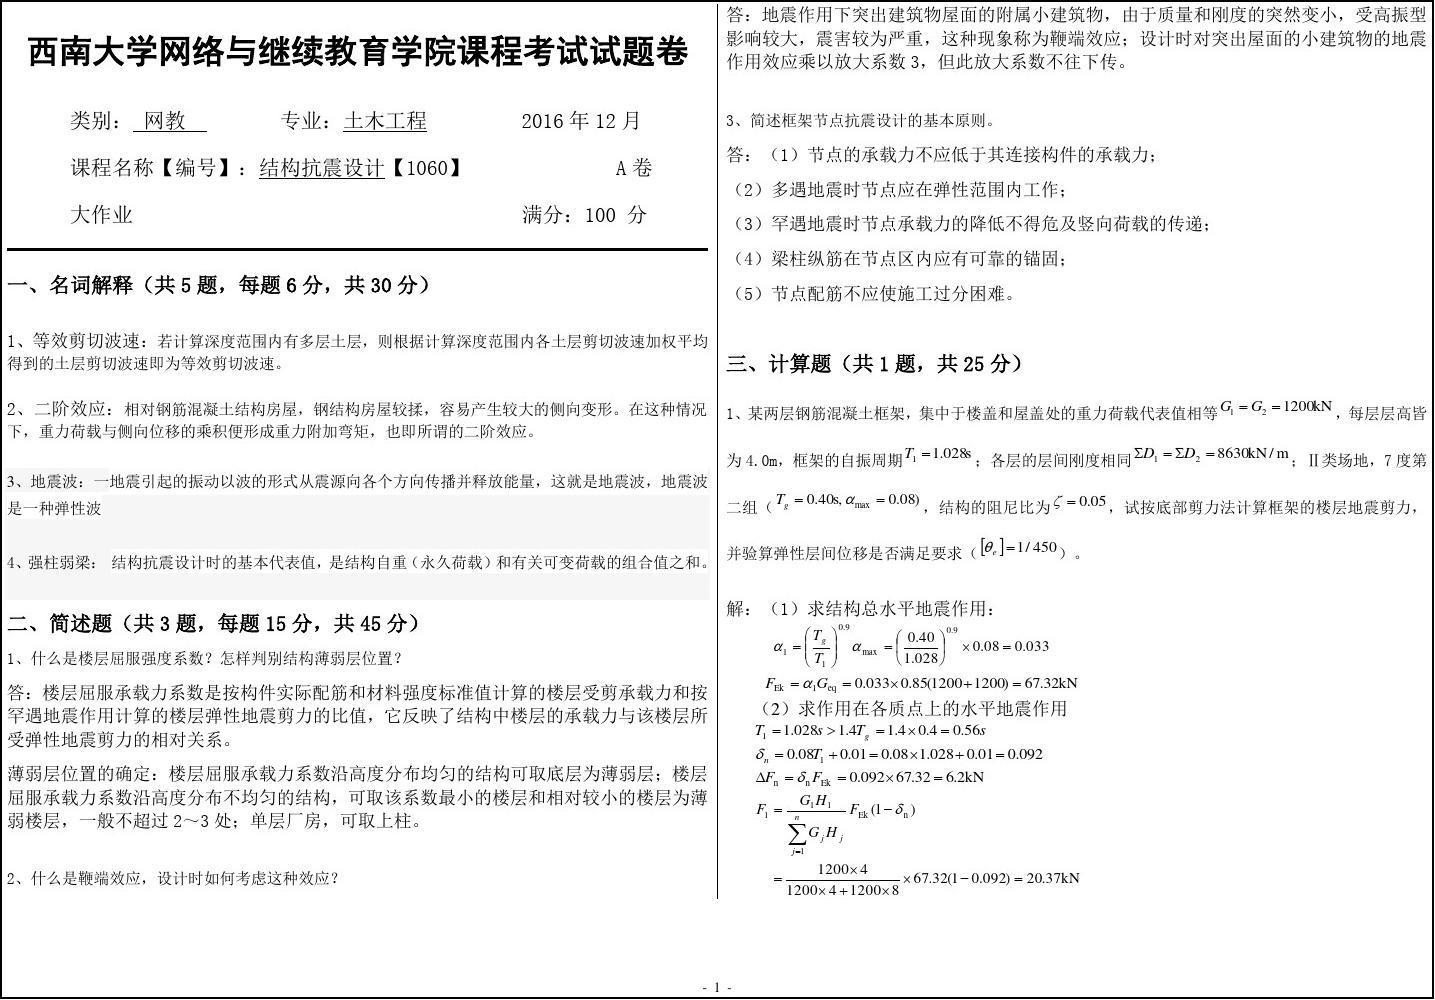 西南大学网络教育2016年12月结构抗震设计【1060】大作业题目及答案图片